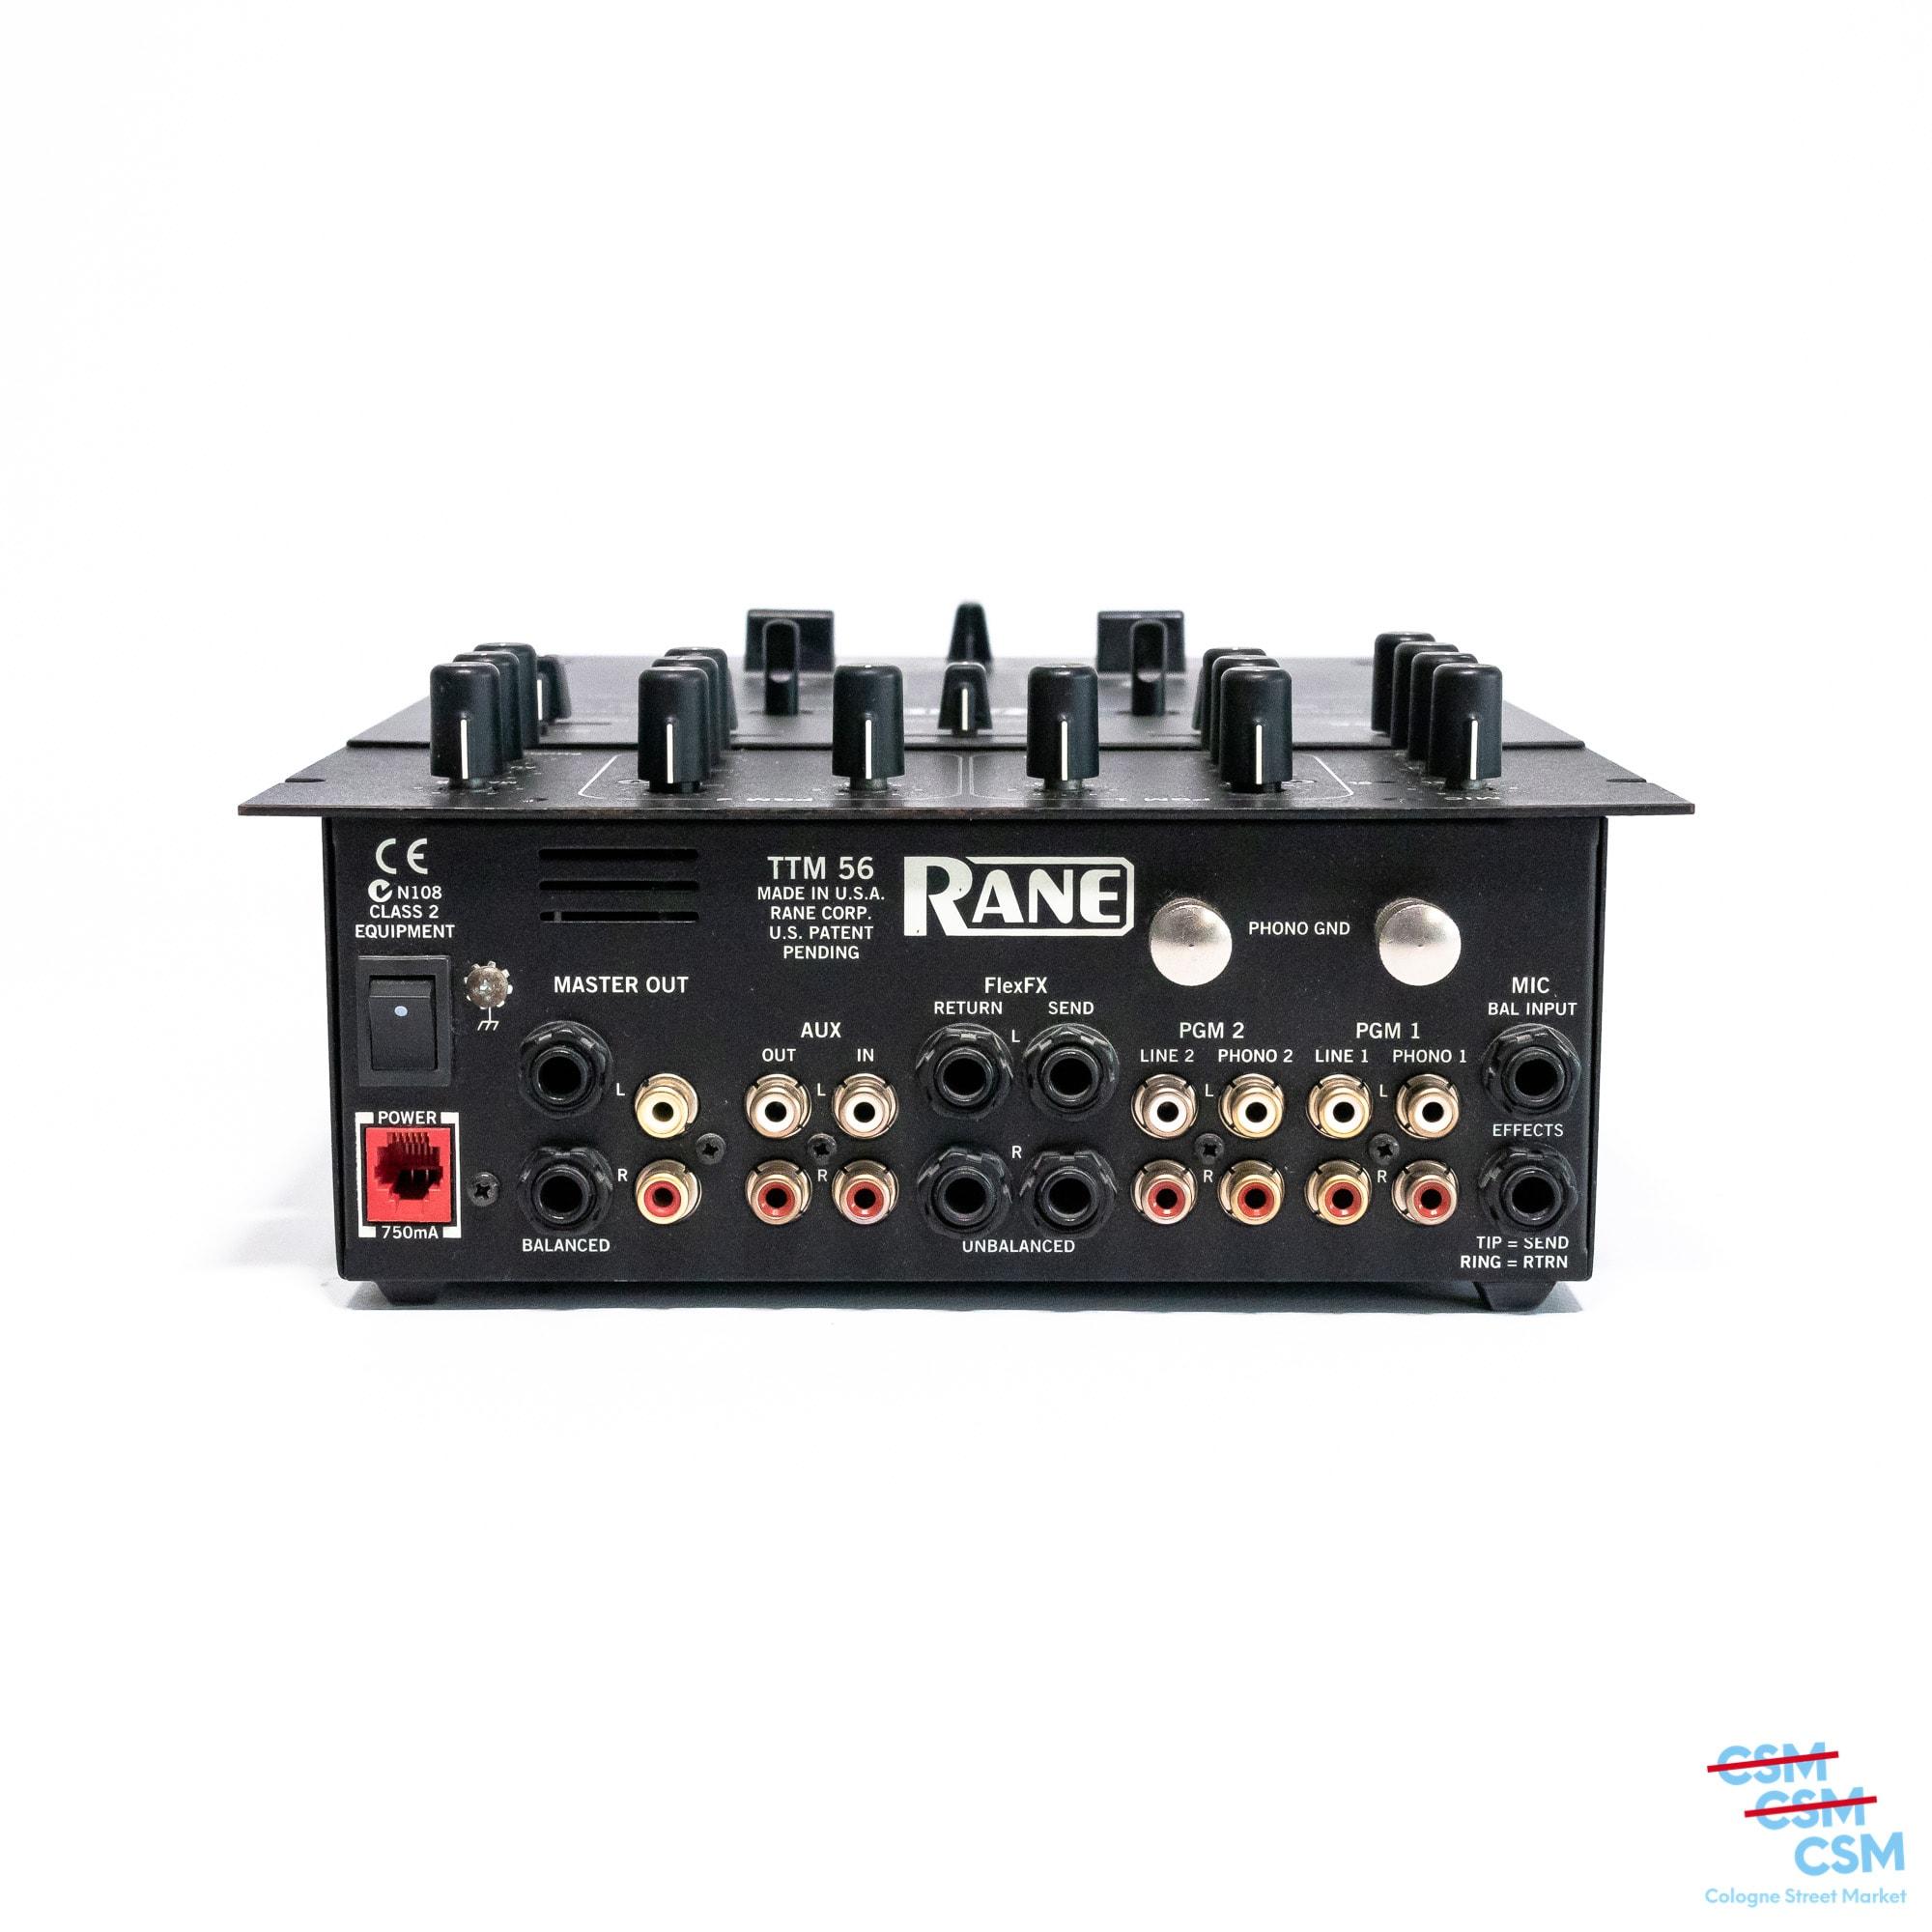 Rane-TTM-56-gebraucht-kaufen